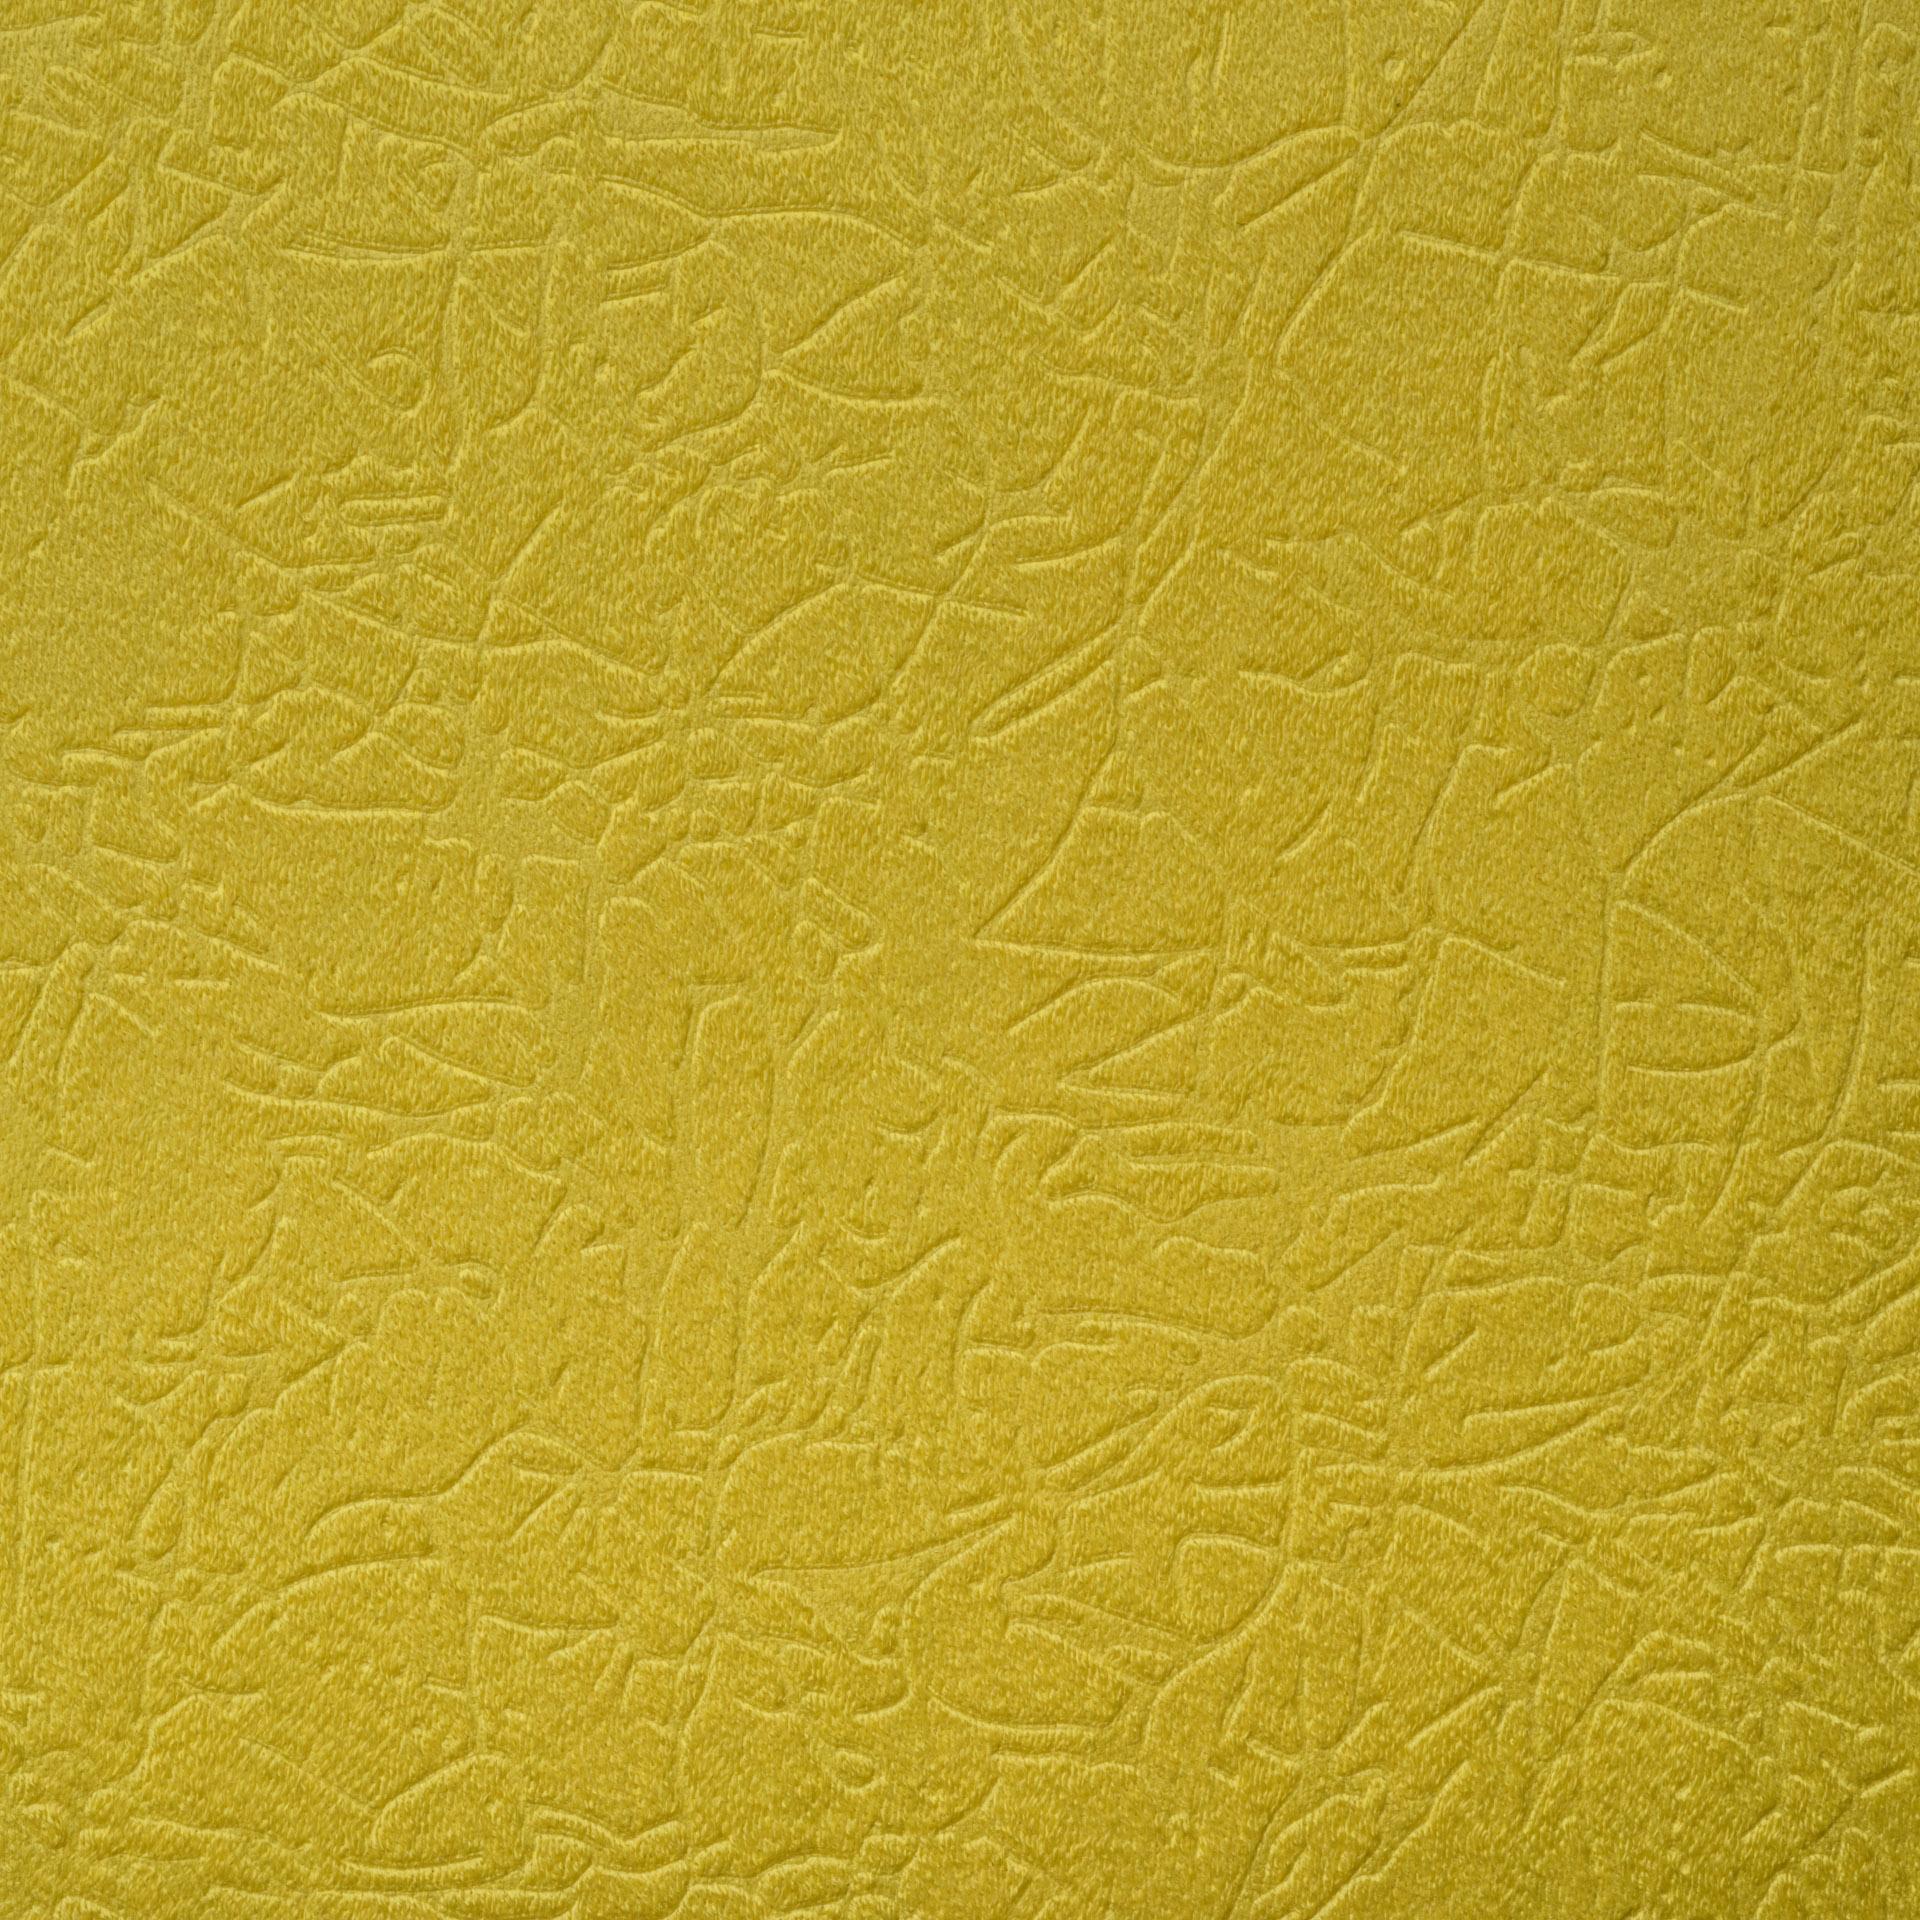 Коллекция ткани Пленет 20 LEMON,  купить ткань Велюр для мебели Украина